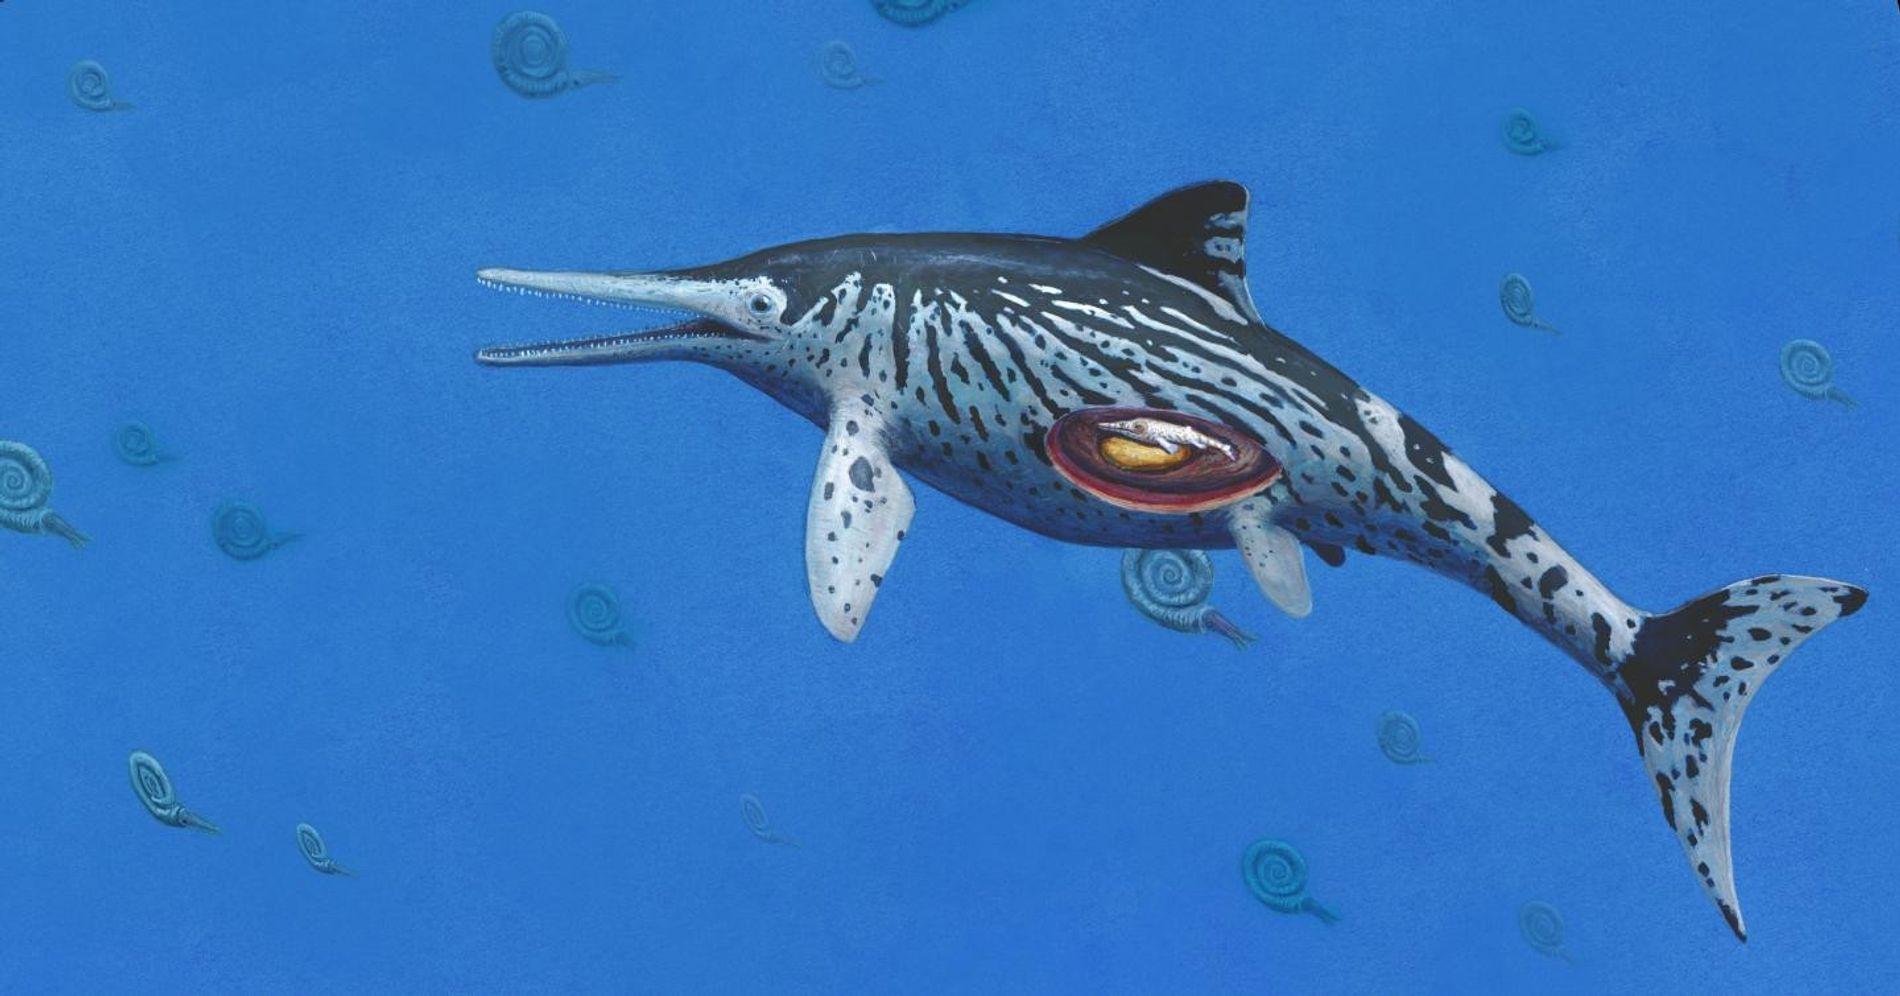 Künstlerische Darstellung eines trächtigen Ichthyosaurus.